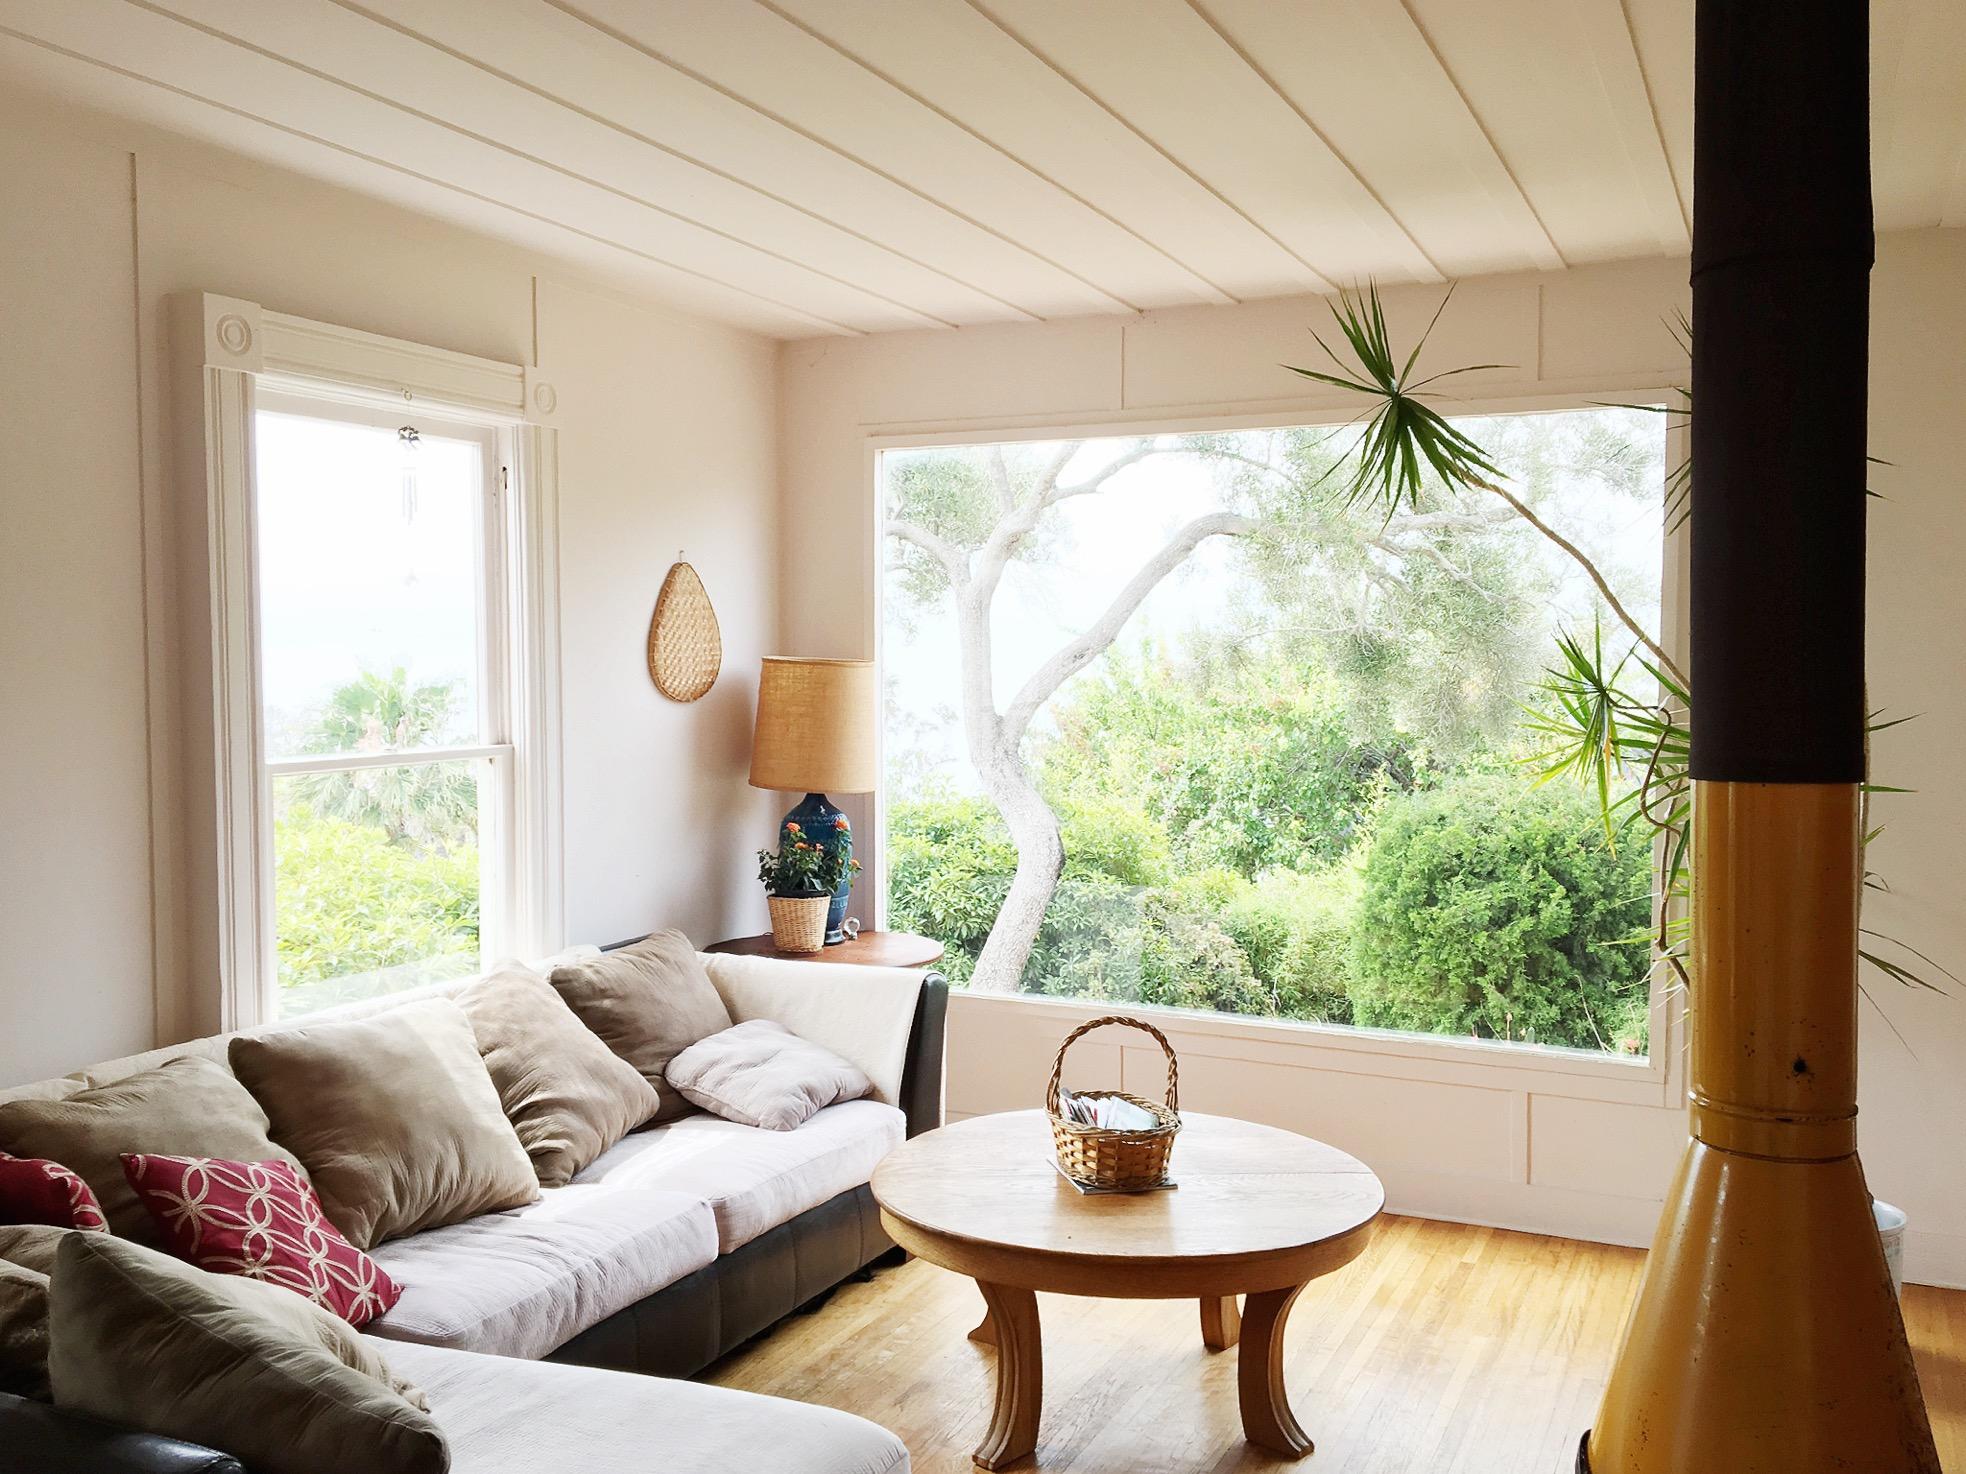 California Modern Boho Beach Airbnb Home